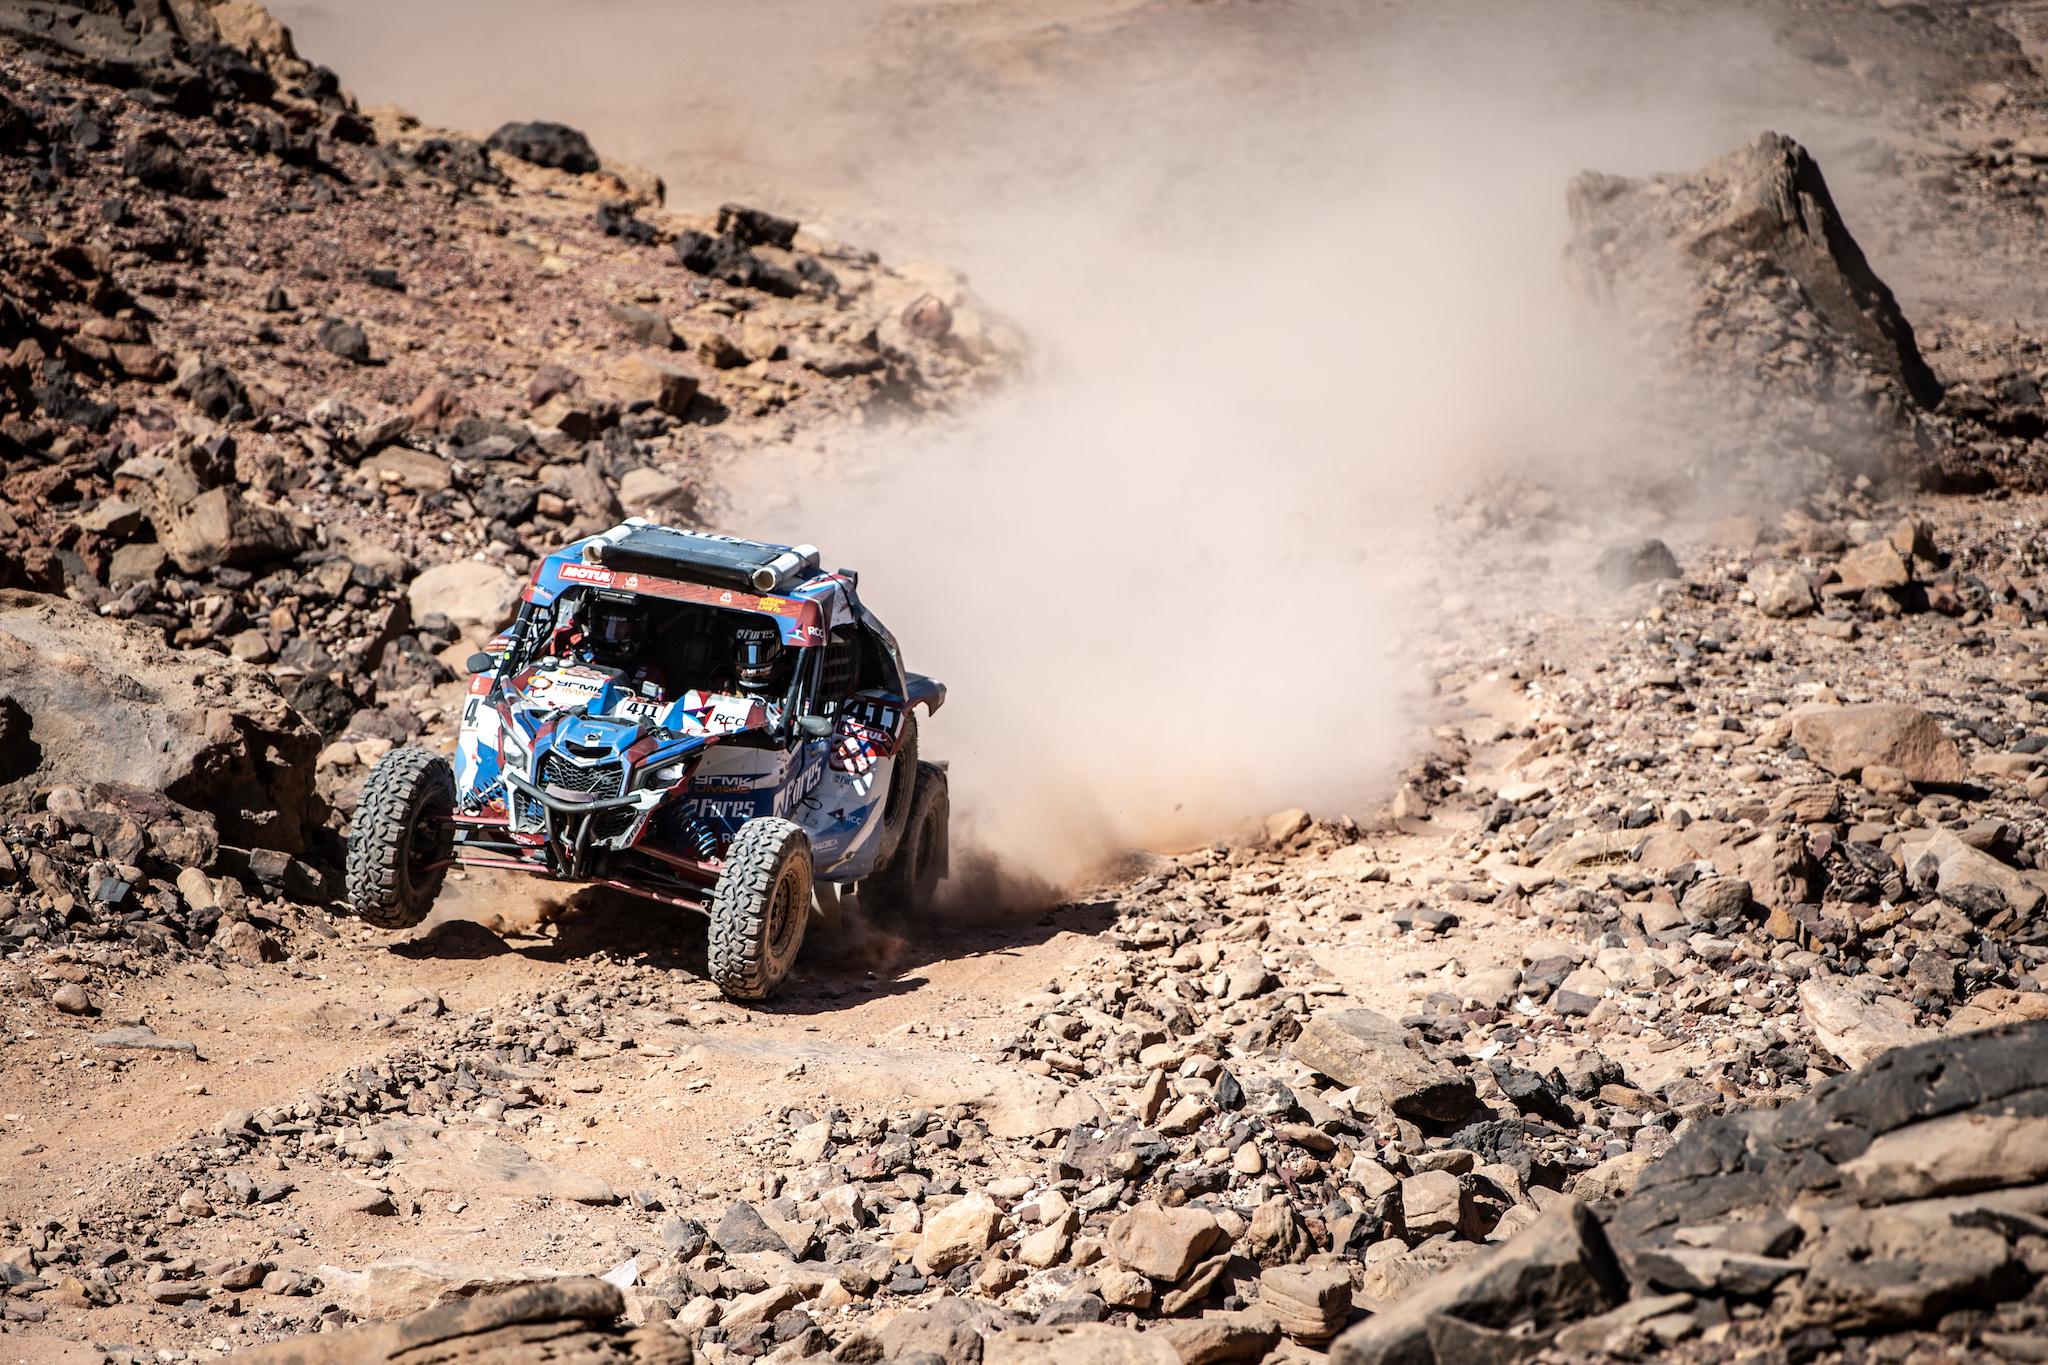 Сергей Карякин сократил отставание от лидера, Алексей Шмотьев застрял в песках –итоги 8 этапа Dakar 2020.